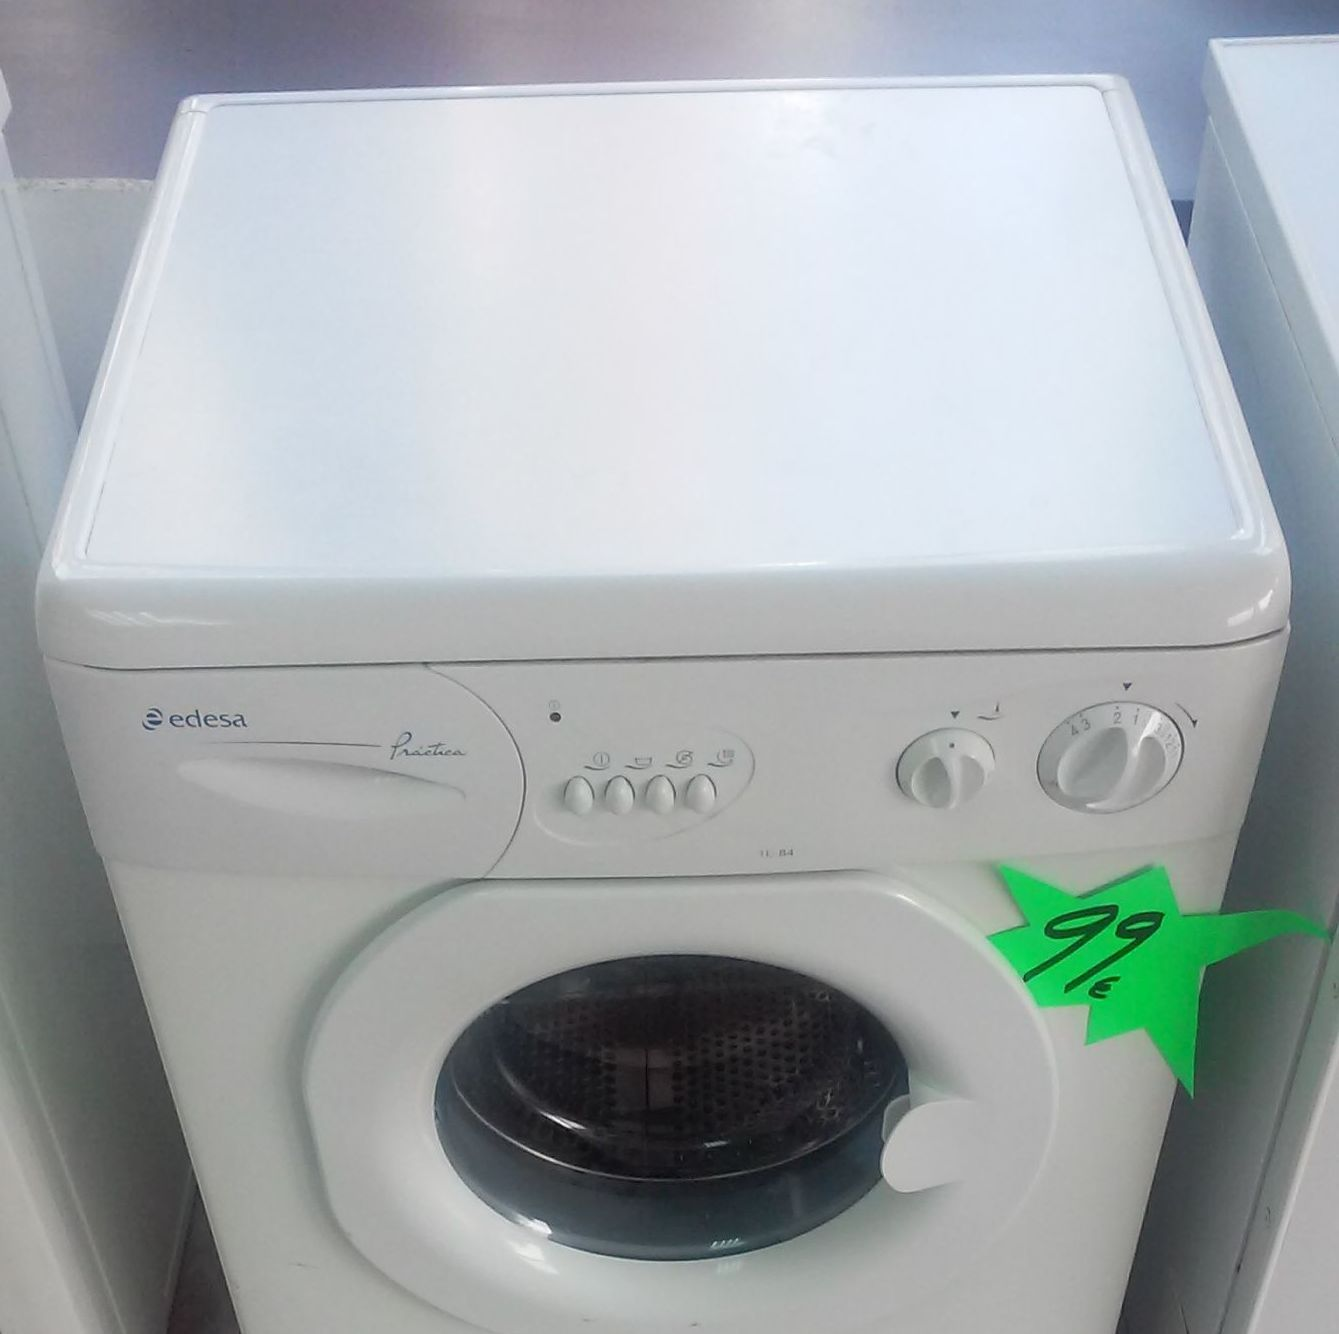 hoza acogedora personales milanuncios lavadoras de On lavadoras segunda mano